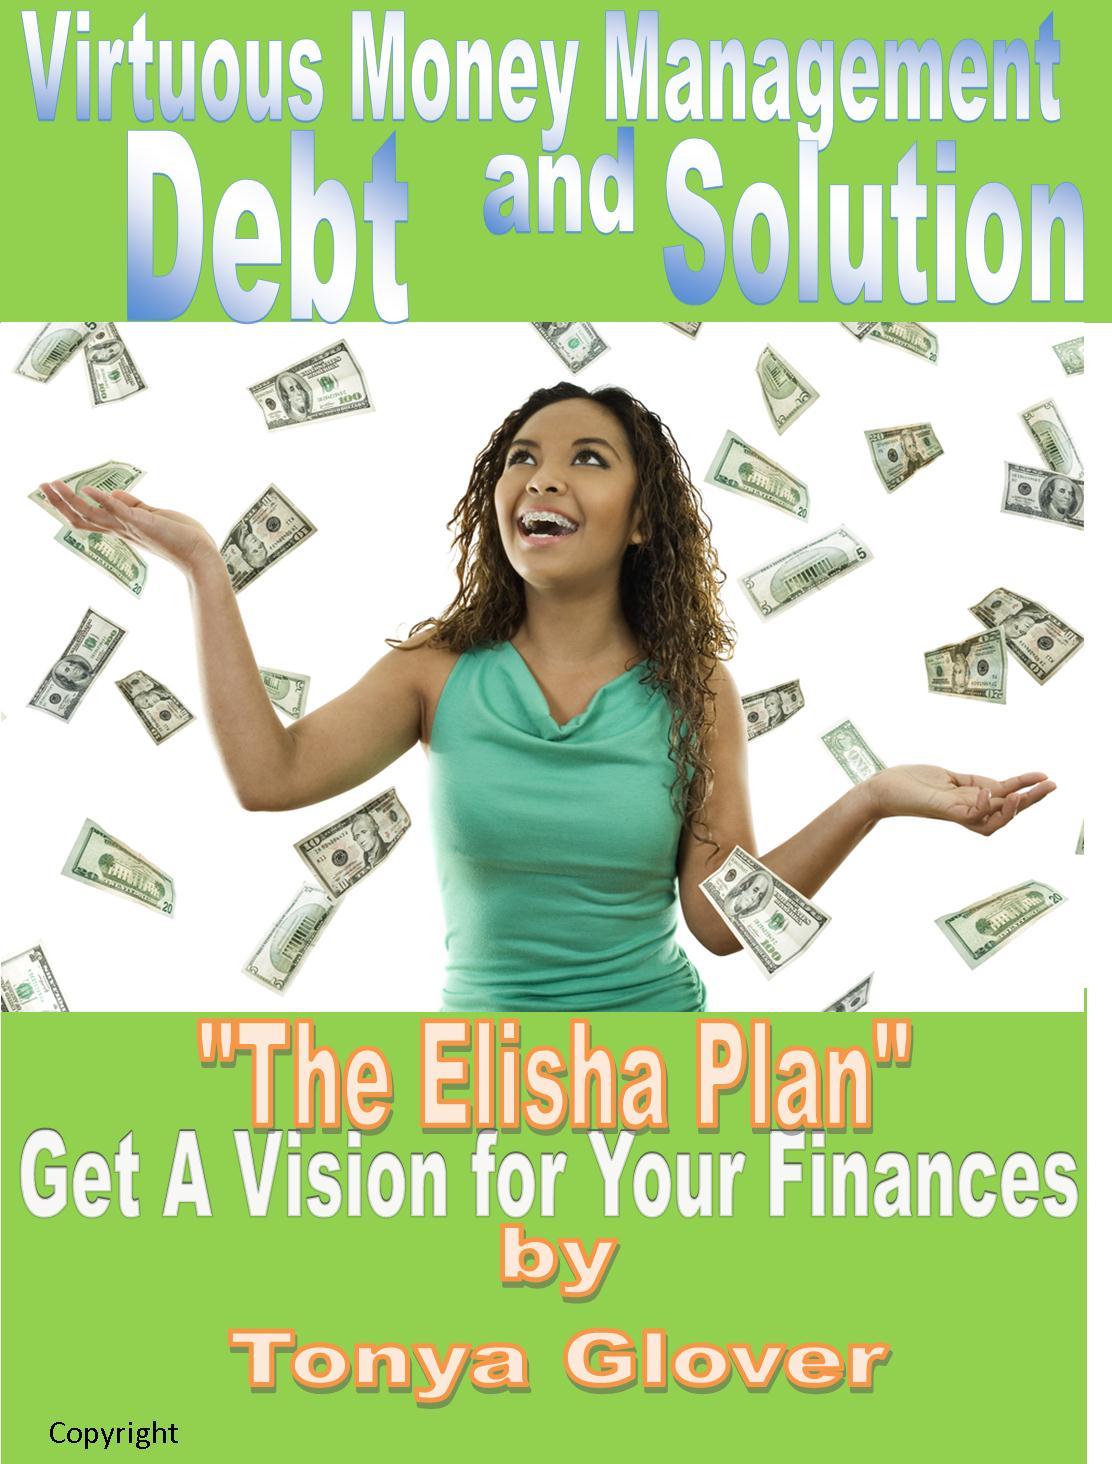 Virtuous Debt Solutions